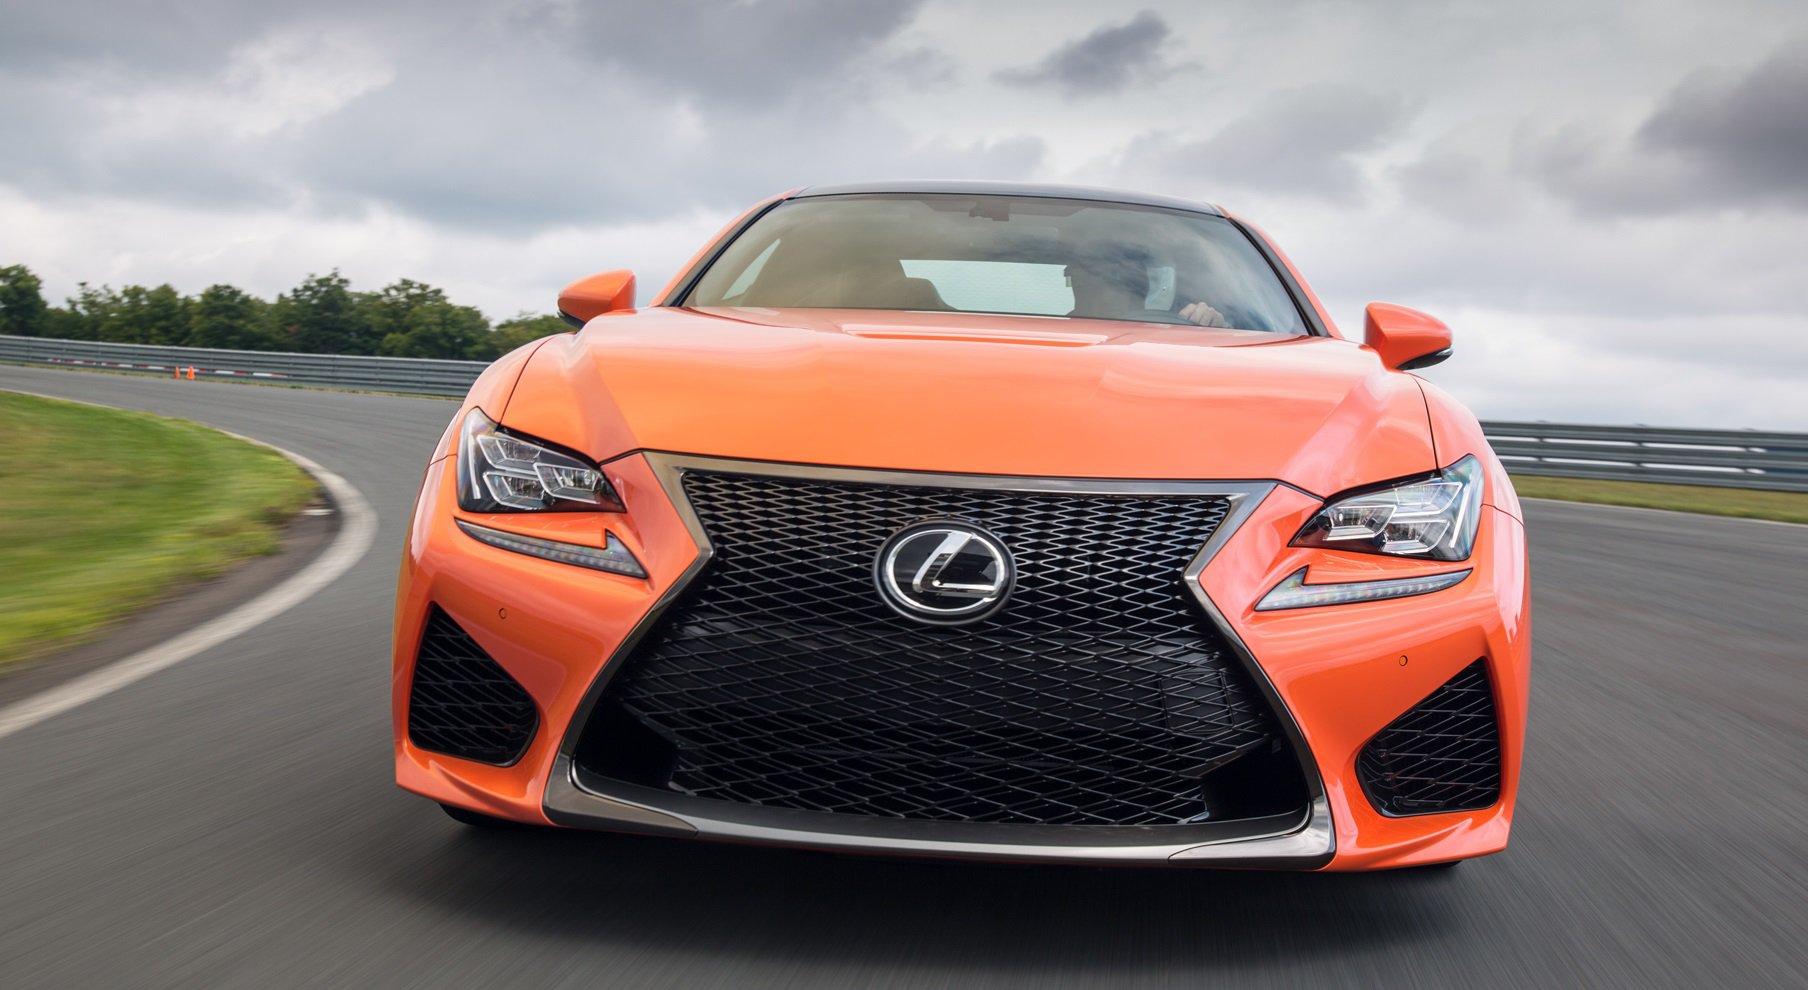 15 автомобилей с самыми красивыми фарами в 2014 году